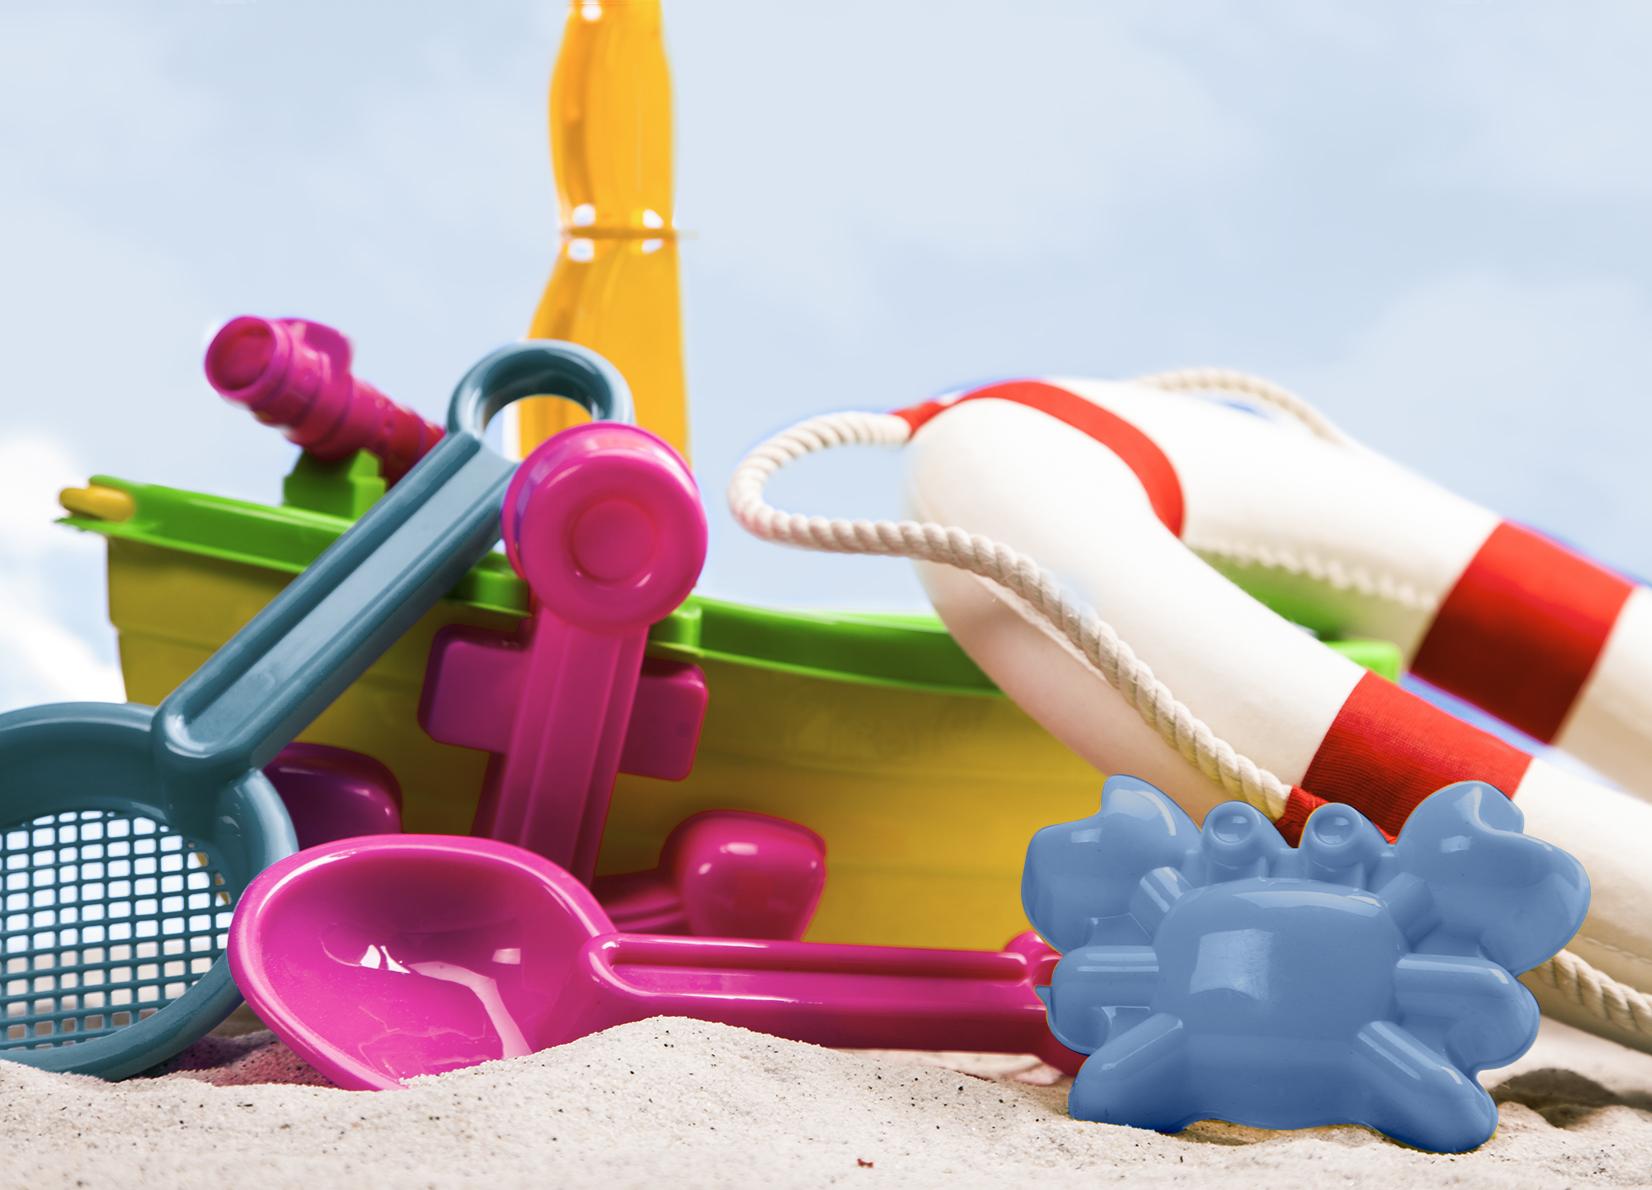 giochi estate bambini donne consigli